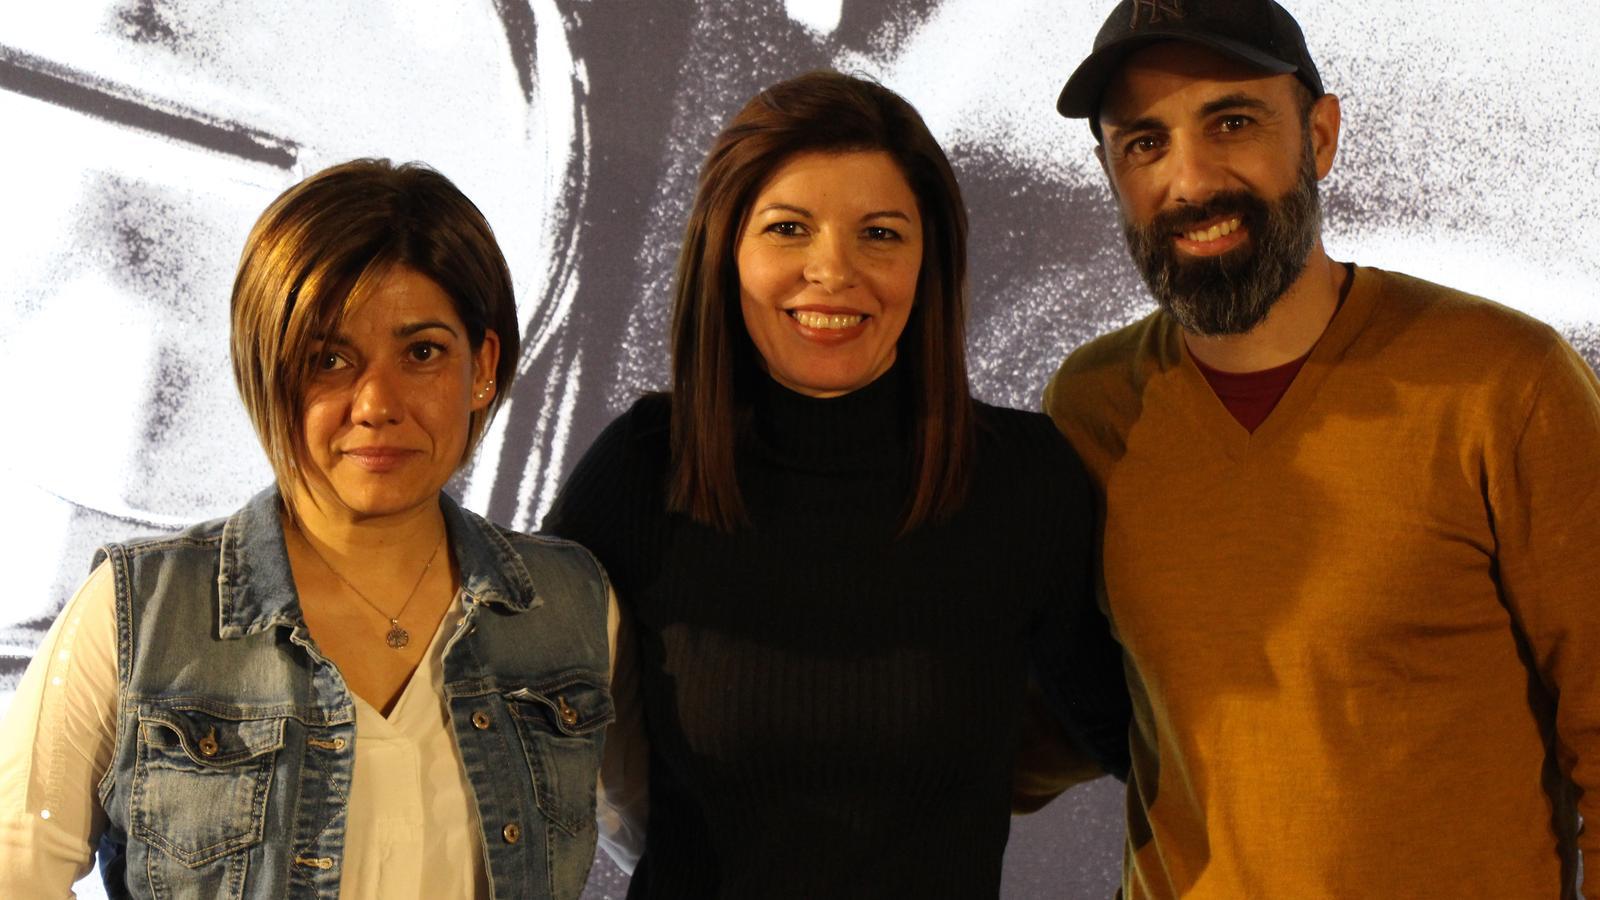 Helena Navarro, organitzadora del 'Rock da House Andorra', la directora Irene Pallarés i Abraham Amores, cap de producció. / M. R. F.